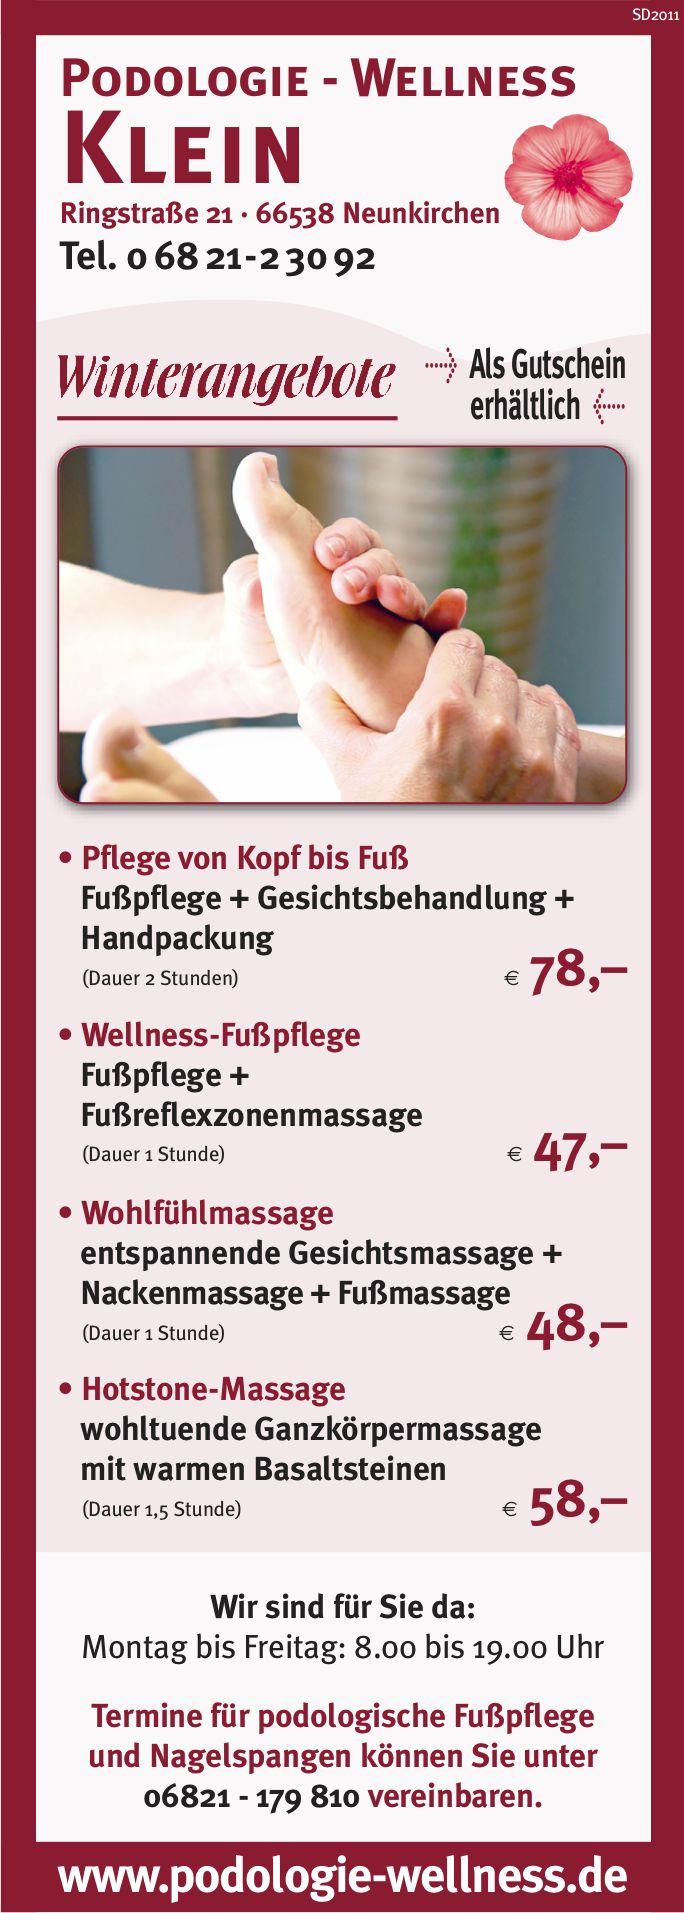 Winterangebote Podologie Wellness Klein